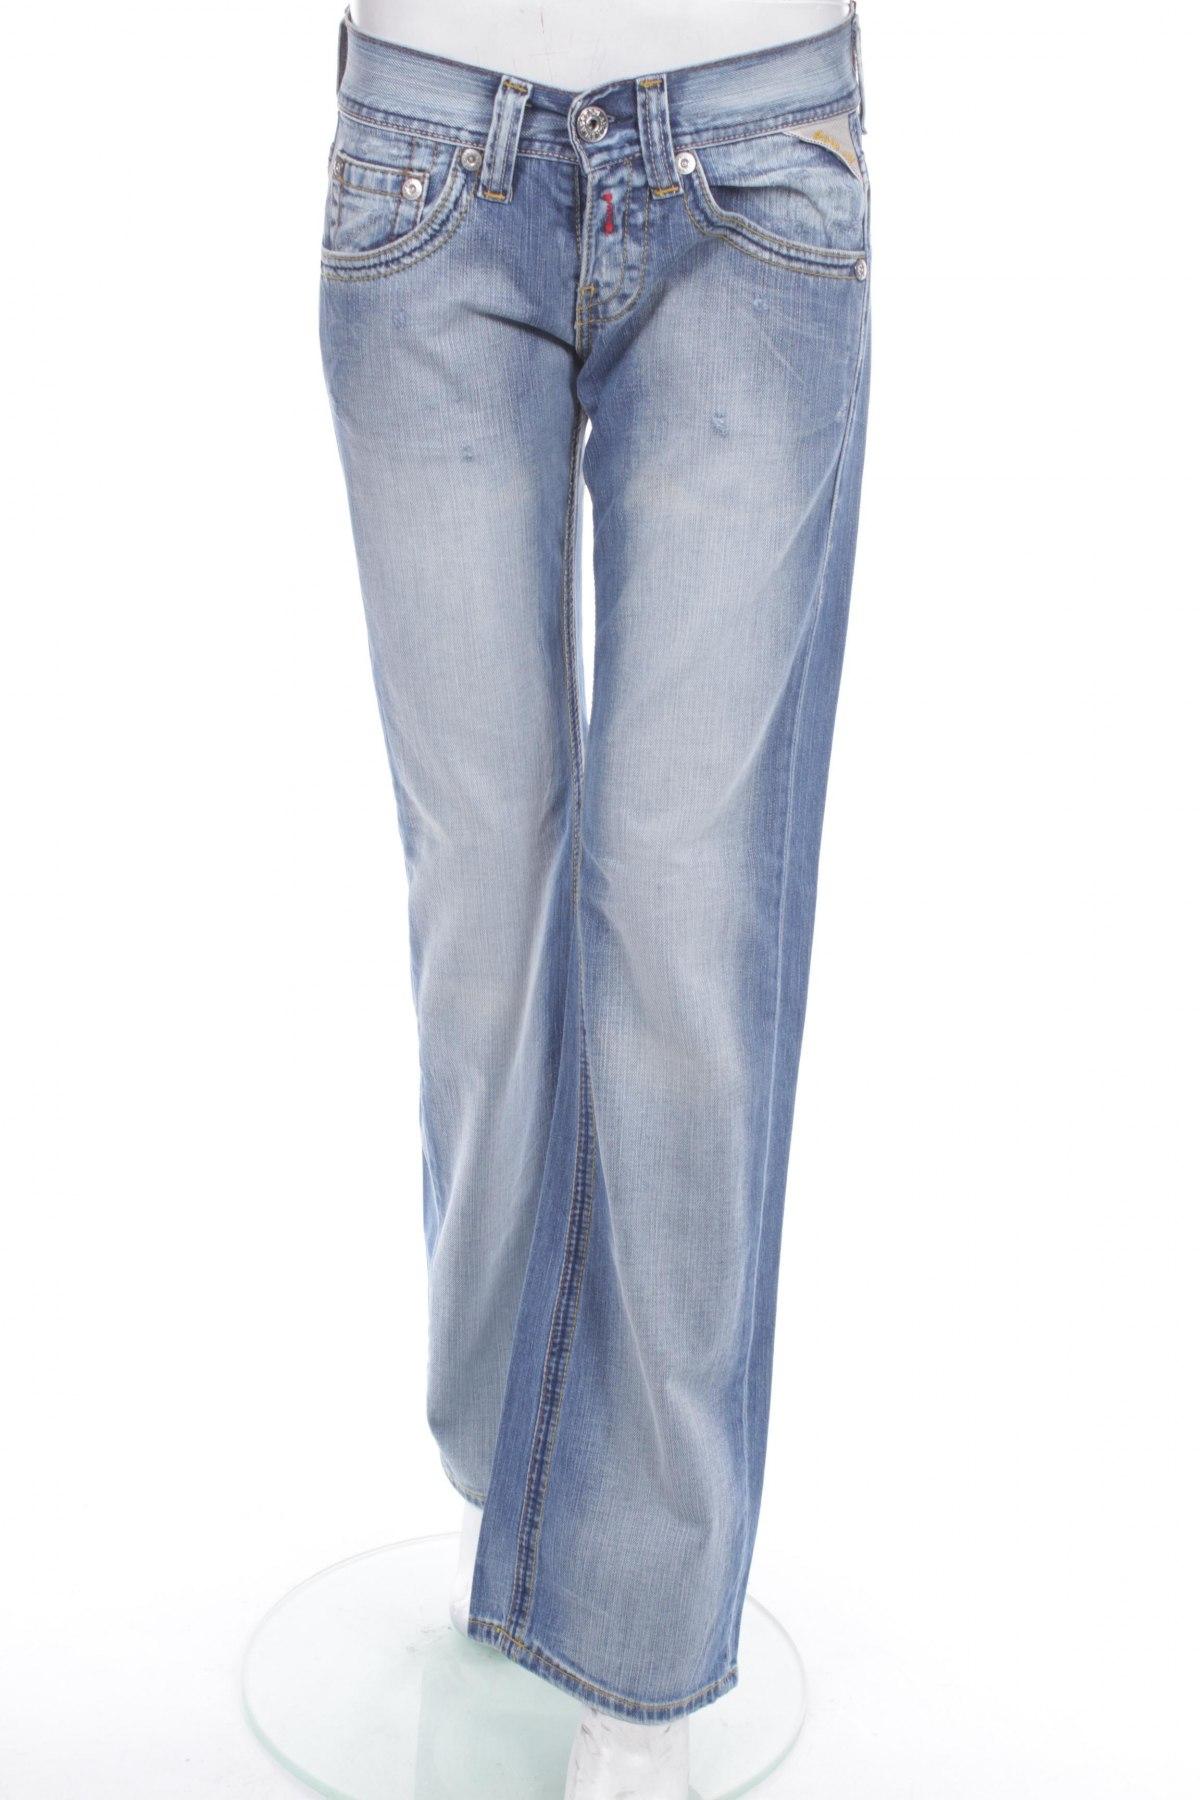 Dámské džíny Replay - koupit za vyhodné ceny na Remix -  102238755 d34c915f32